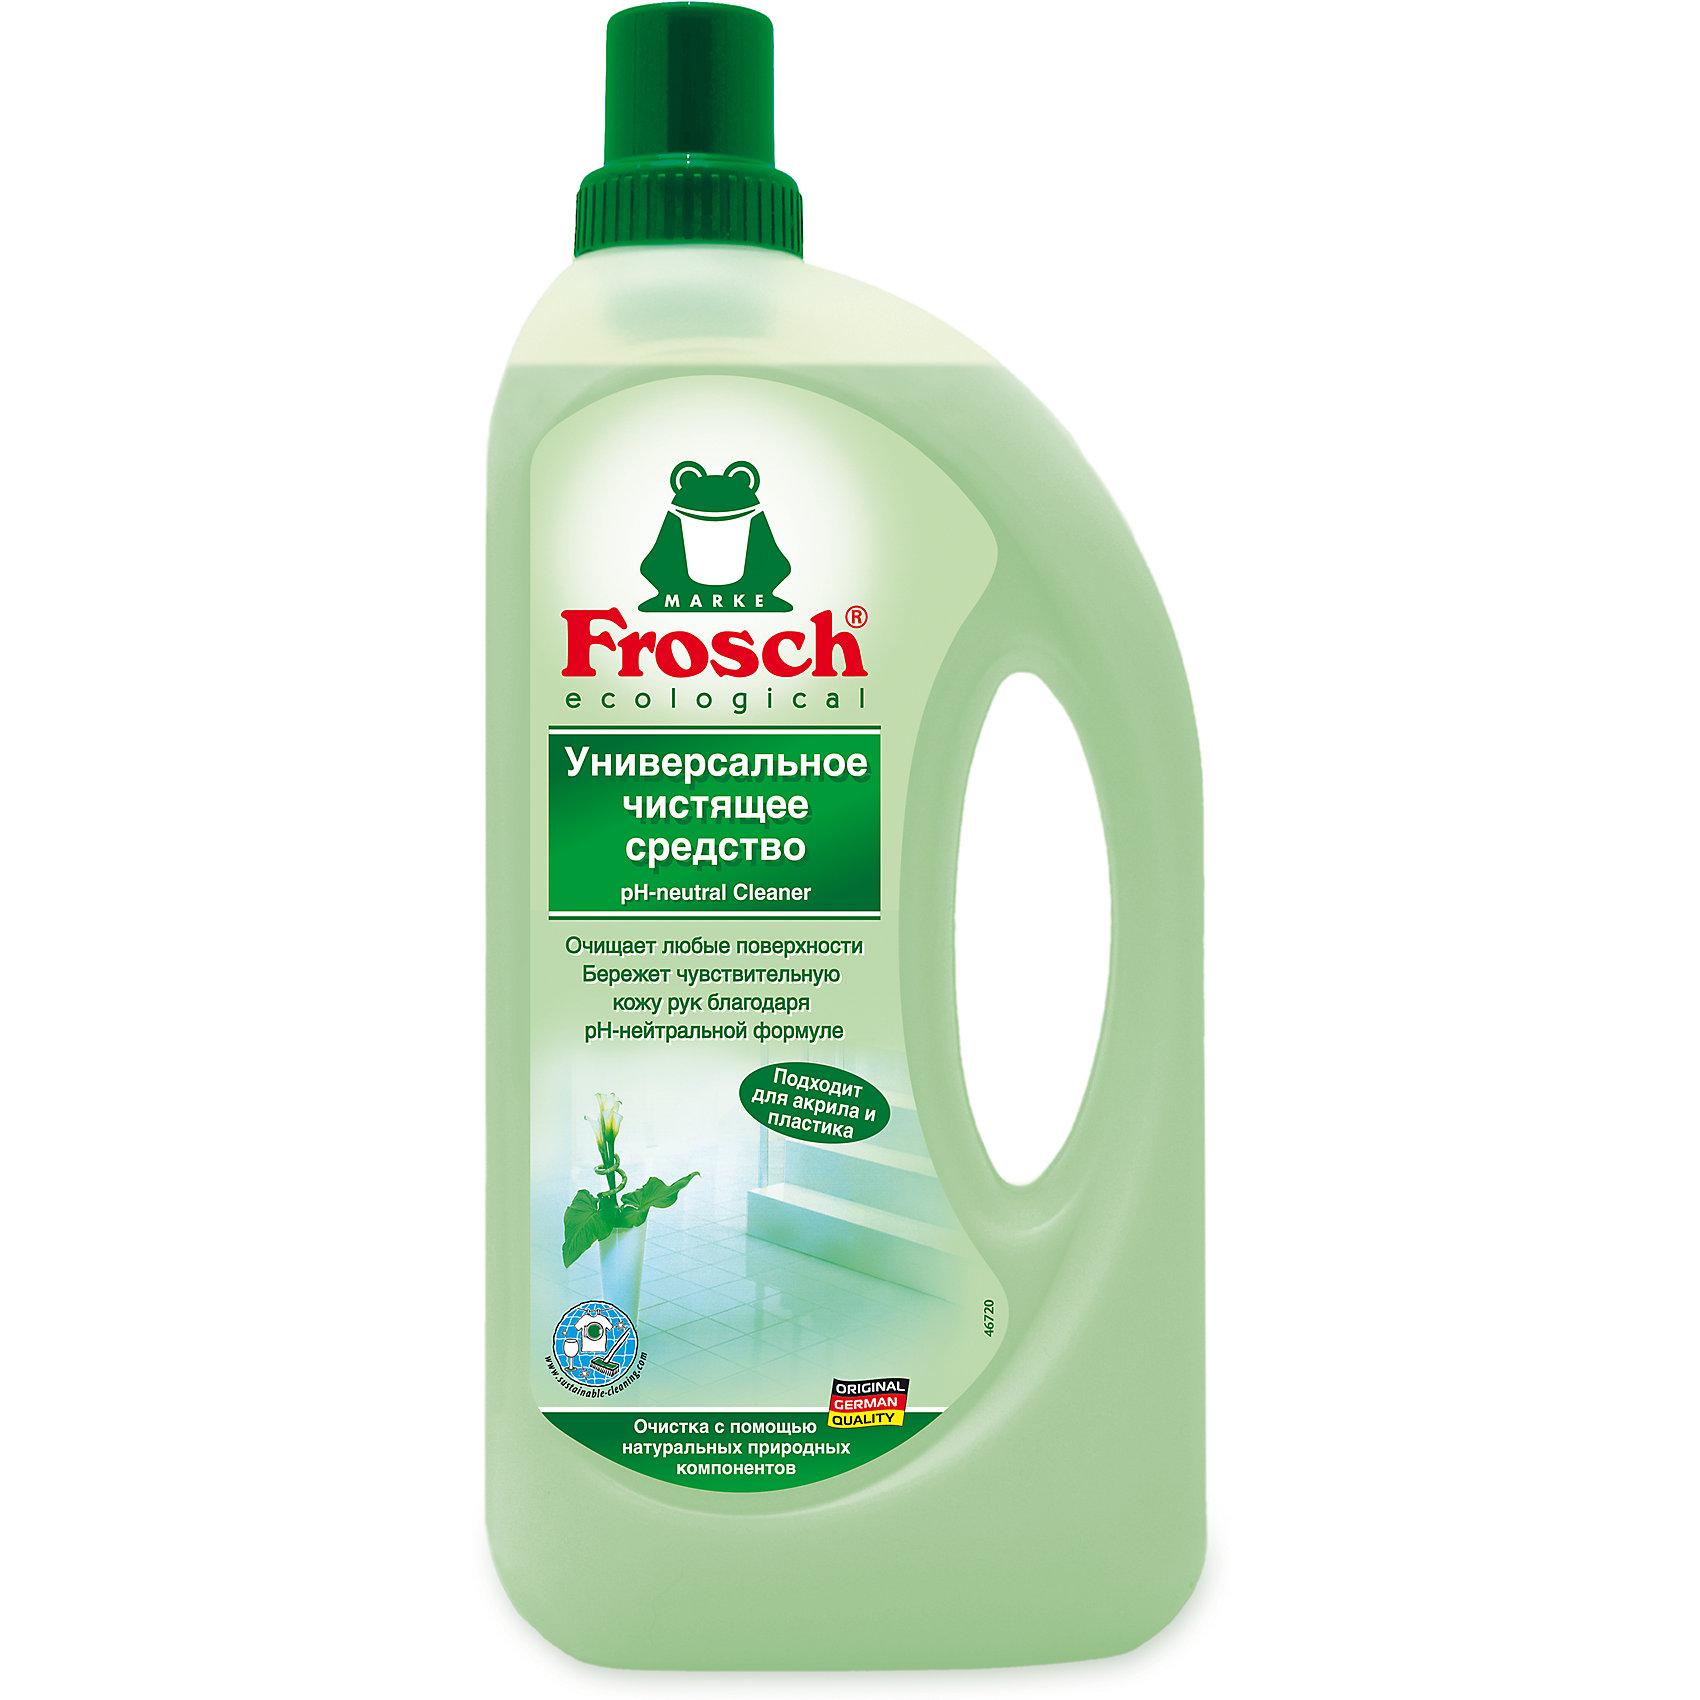 Универсальное чистящее средство, 1 л., FroschХарактеристики товара:<br><br>• объем: 1 л<br>• упаковка: пластик<br>• страна бренда: Германия<br>• страна изготовитель: Германия<br><br>Frosch - мировой лидер по производству чистящих средств, основанный в Германии. Отличительная особенность жидкостей – их безопасность и экологичность. Универсальное средство помогает хозяйкам поддерживать чистоту в доме без особых усилий и затрат. <br><br>Химическая формула растворяет и удаляет любые даже самые сложные загрязнения. Материалы, использованные при изготовлении товара, сертифицированы и отвечают всем международным требованиям по качеству. <br><br>Универсальное чистящее средство, 1 л., от немецкого производителя Frosch (Фрош) можно приобрести в нашем интернет-магазине.<br><br>Ширина мм: 120<br>Глубина мм: 55<br>Высота мм: 283<br>Вес г: 1140<br>Возраст от месяцев: 216<br>Возраст до месяцев: 1188<br>Пол: Унисекс<br>Возраст: Детский<br>SKU: 5185725